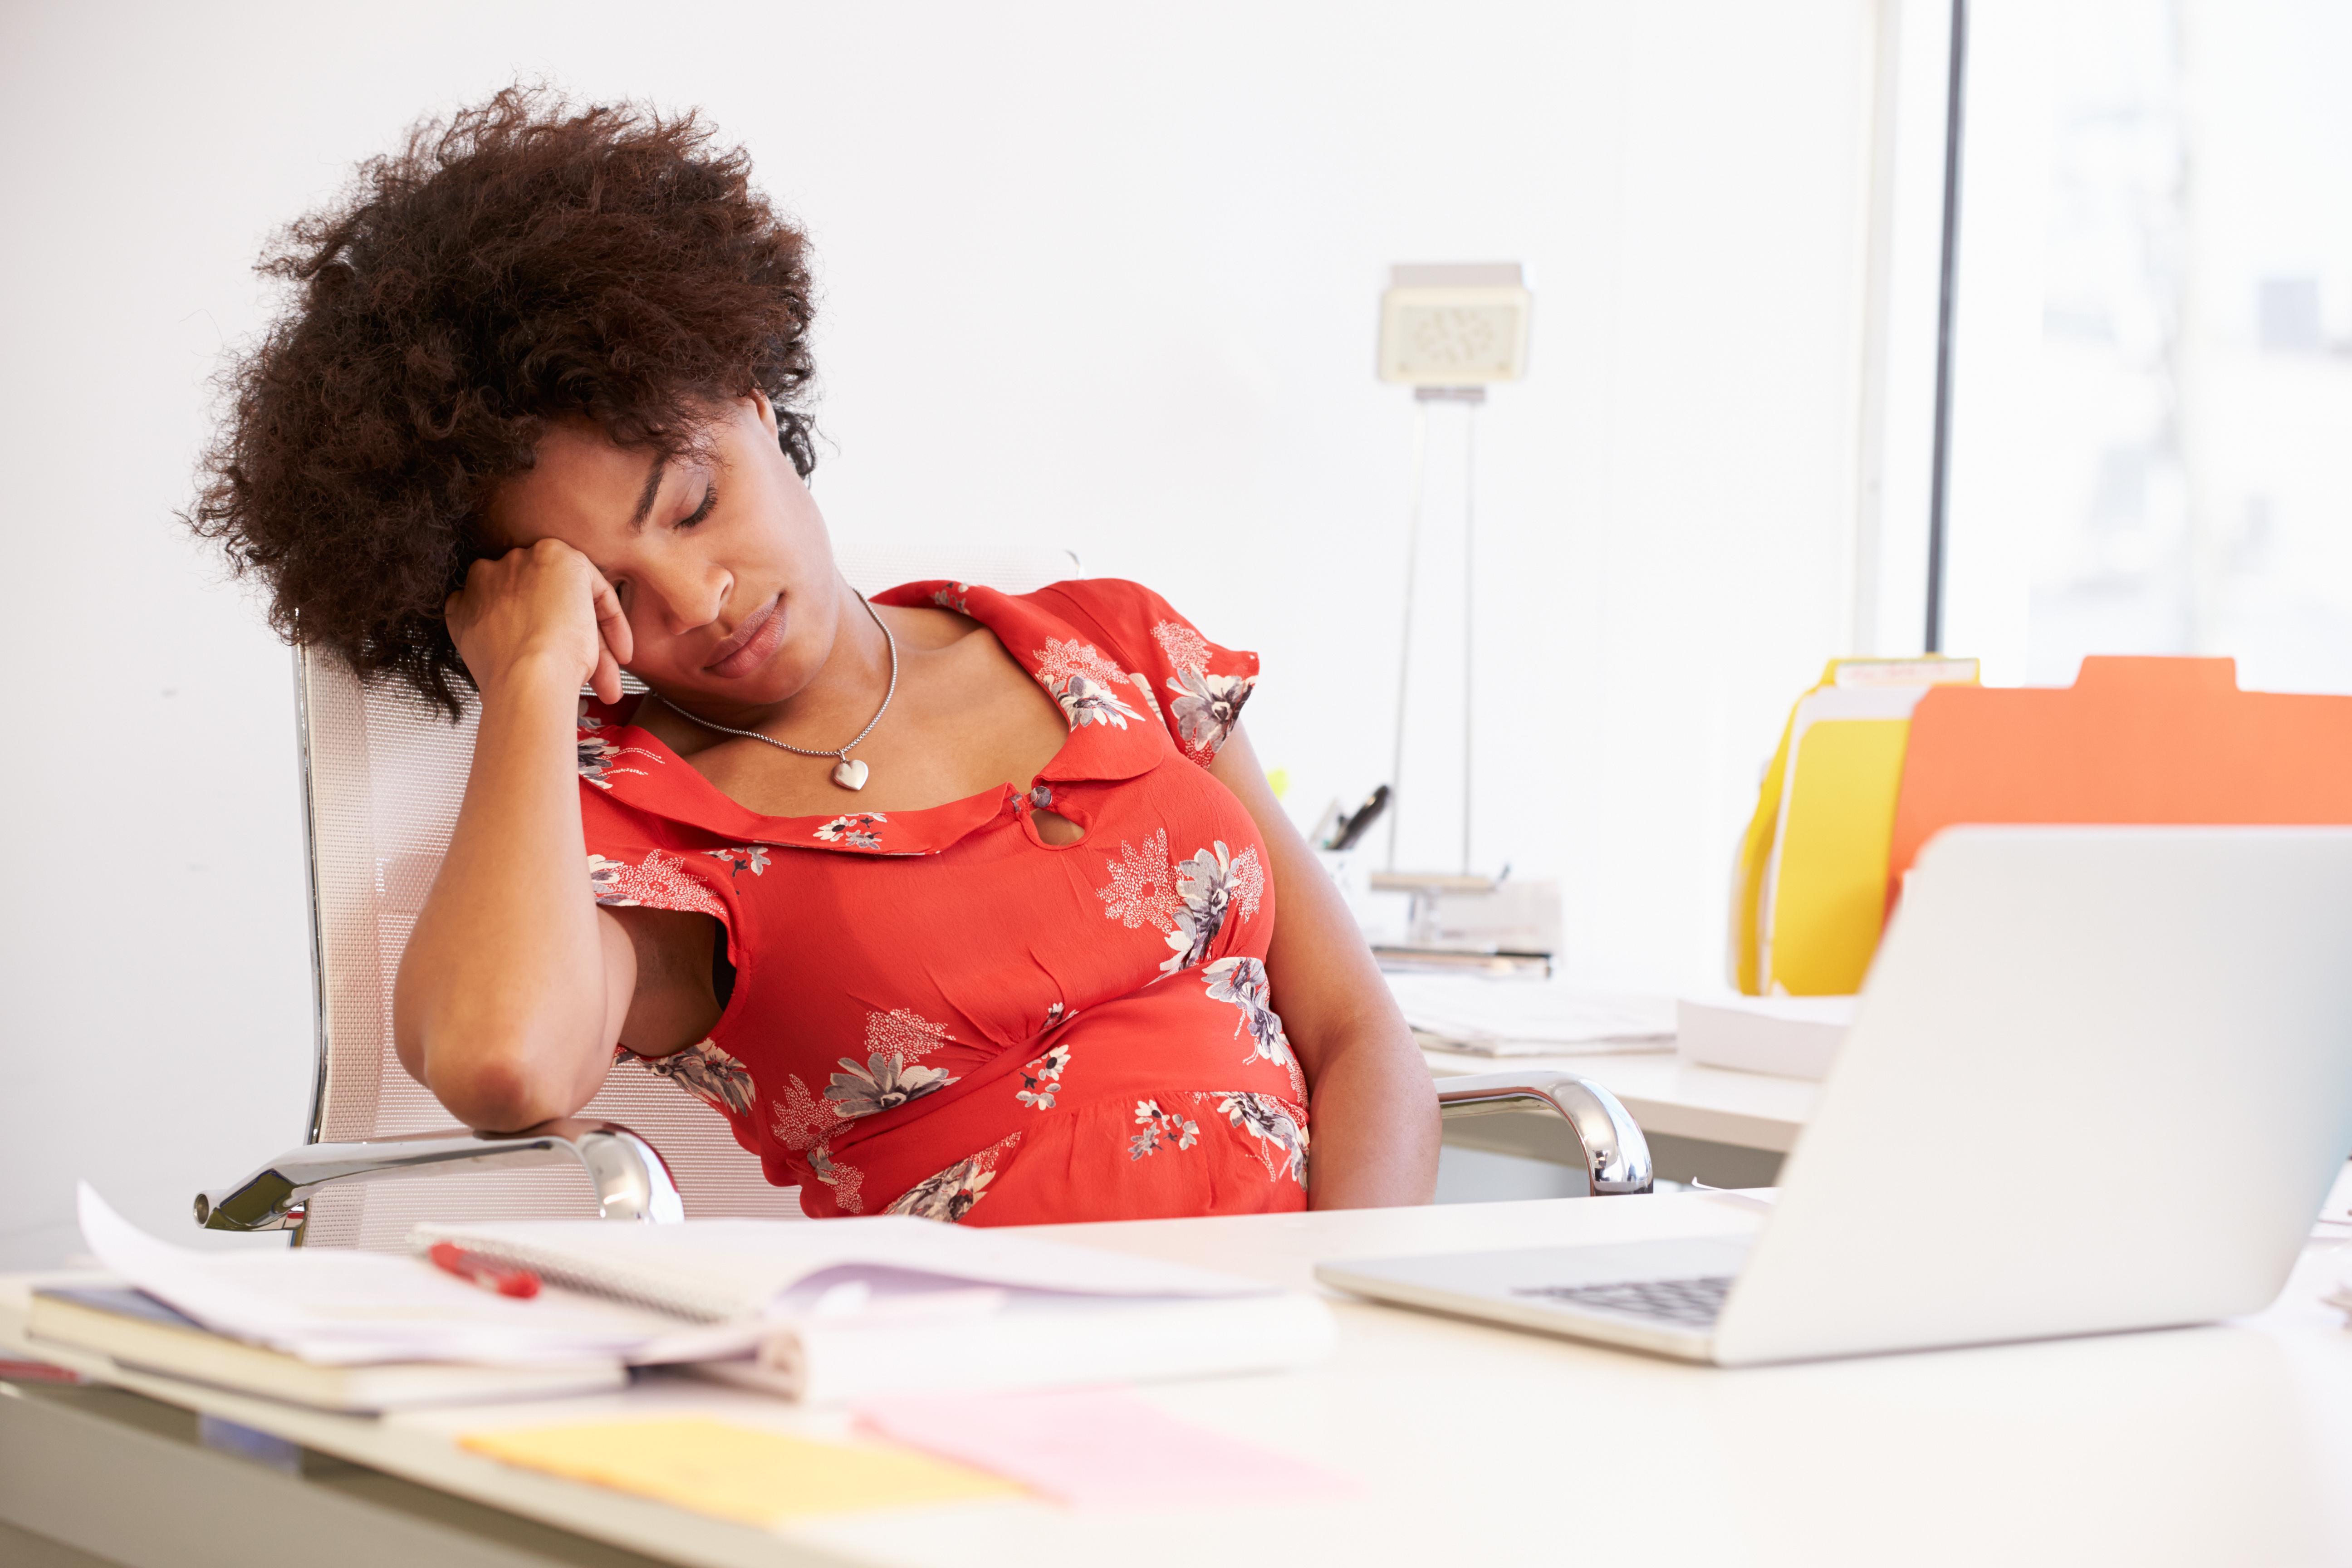 Hjärnan klarar ett arbetspass på 30-40 minuter i taget. Sedan måste den vila.